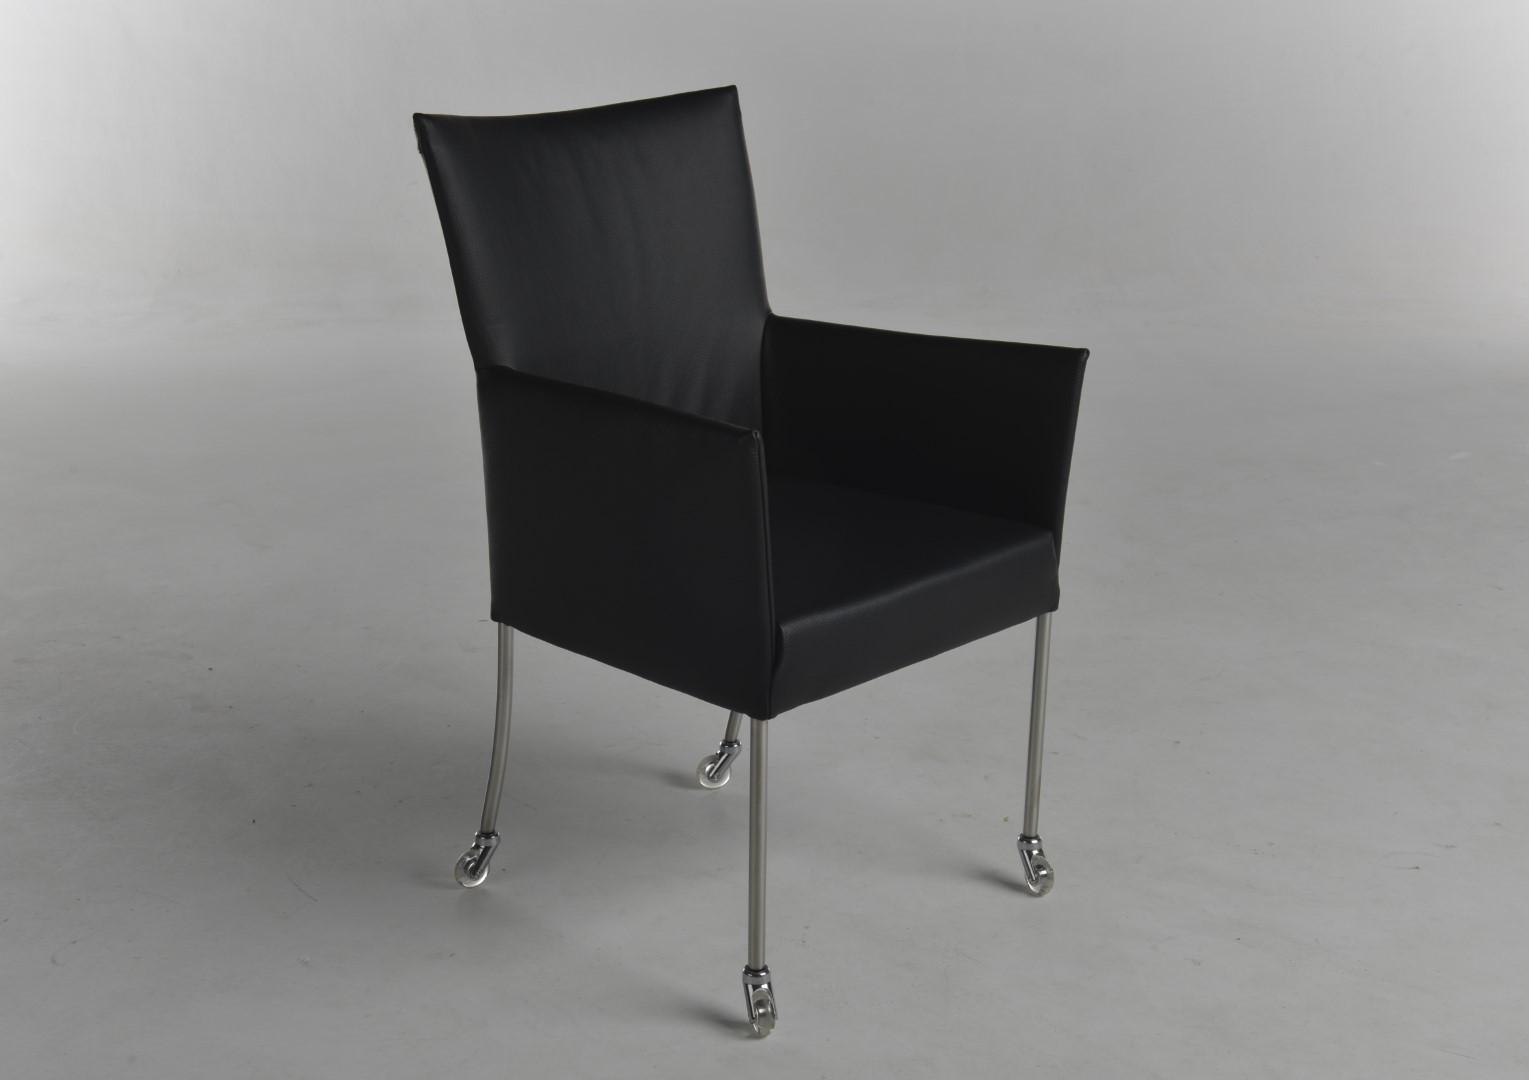 outle08 05 arc 39 bert plantagie outlet. Black Bedroom Furniture Sets. Home Design Ideas